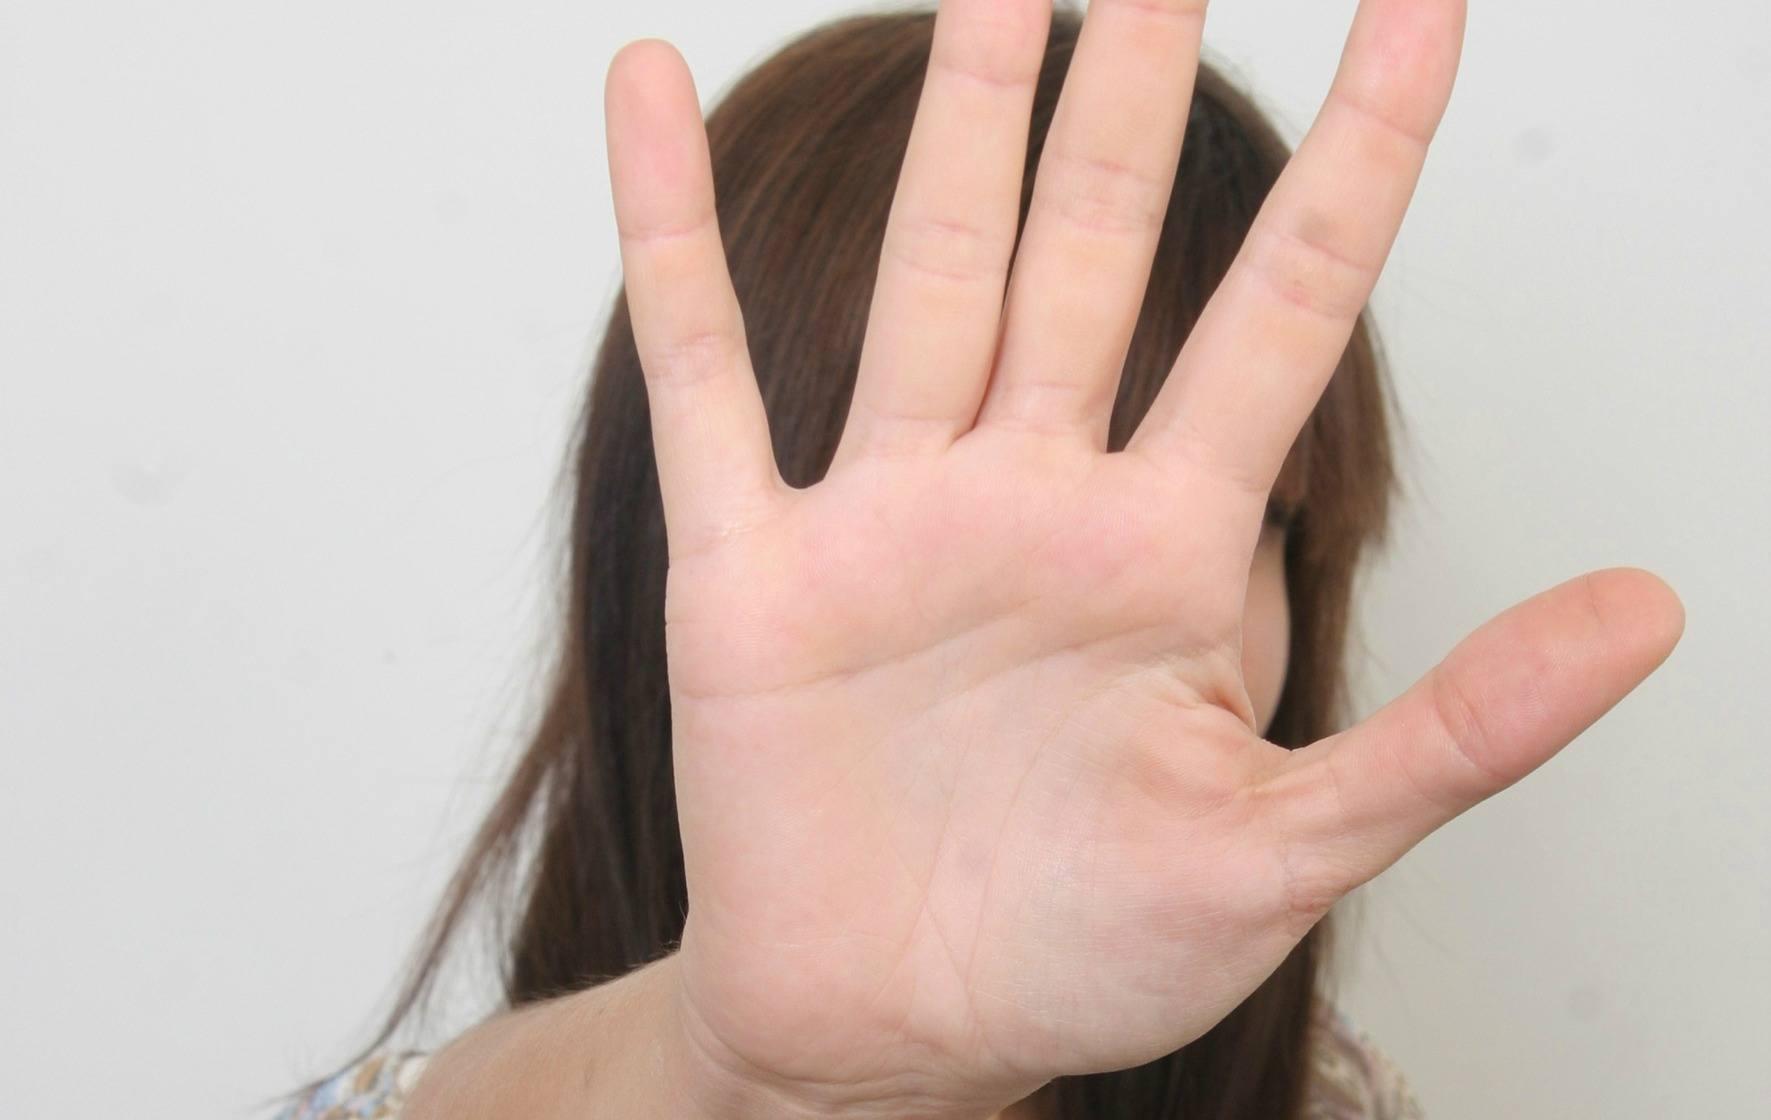 Estupro: O mais acobertado dos crimes